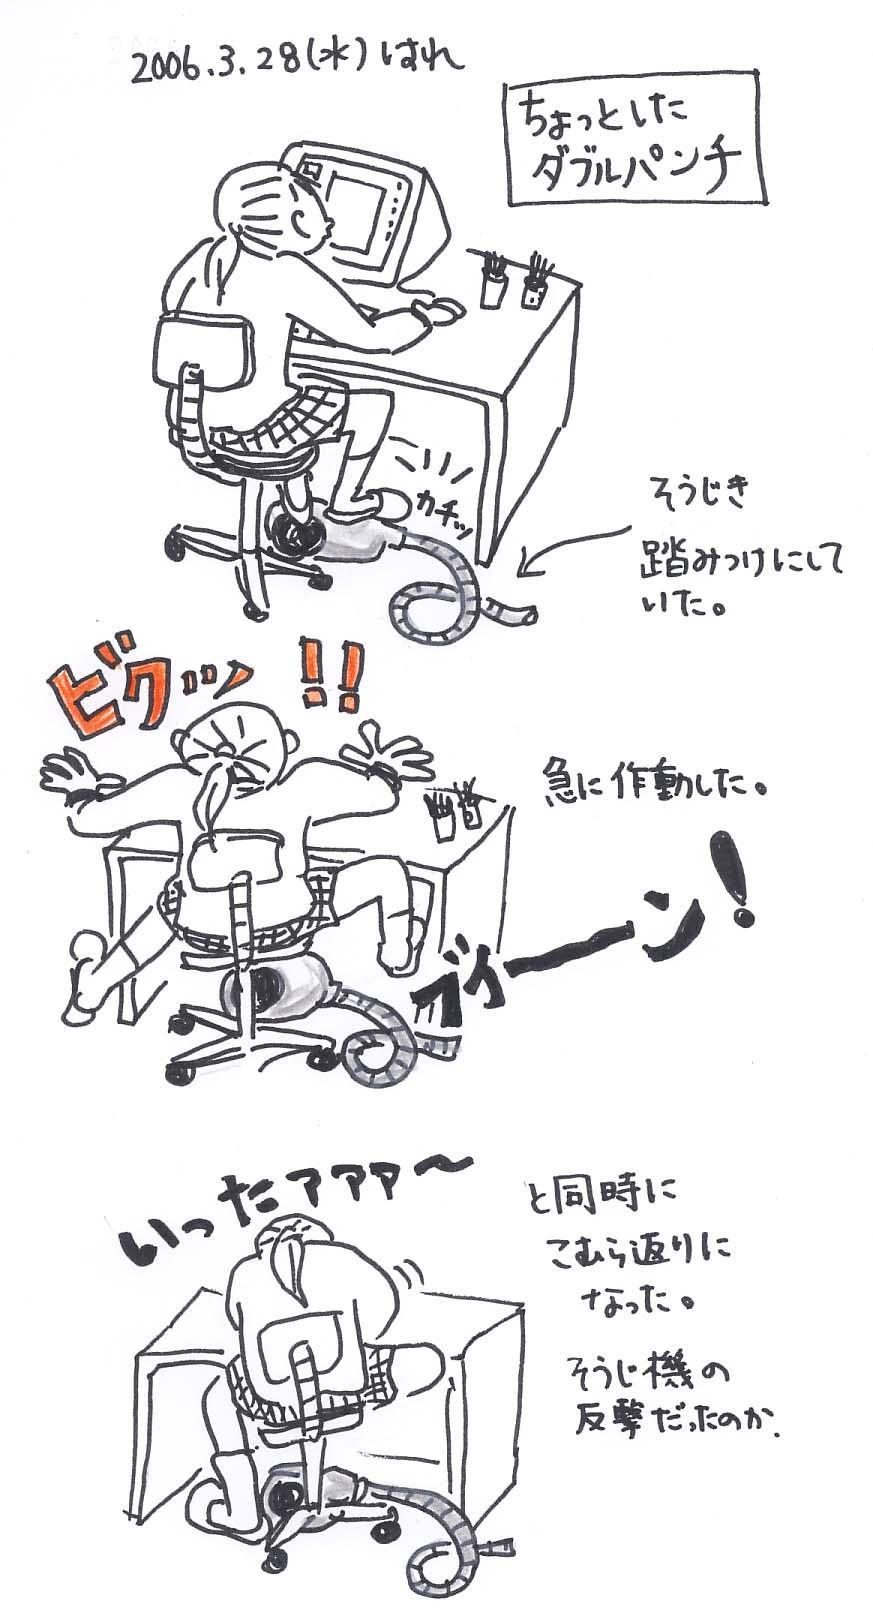 掃除機の反撃_f0072976_0592429.jpg